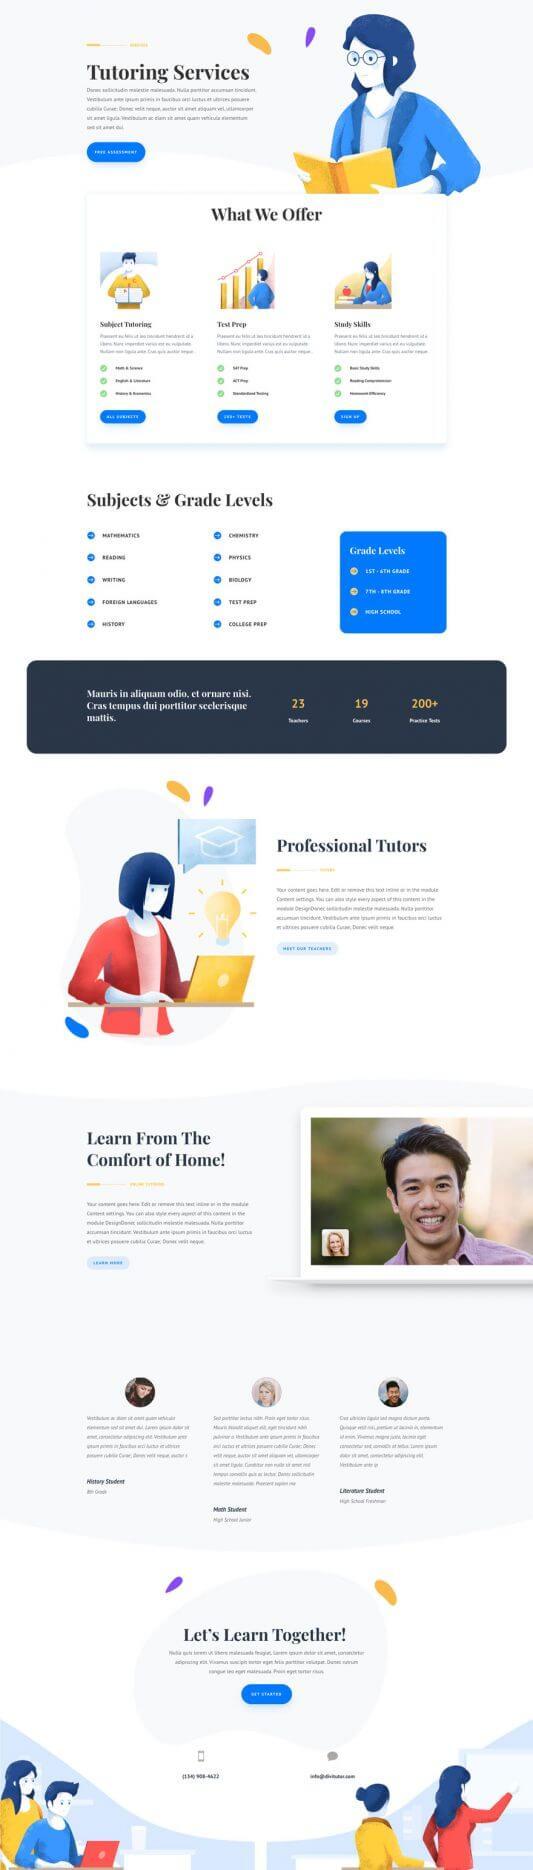 Plantilla WordPress para Escuelas de tutorías